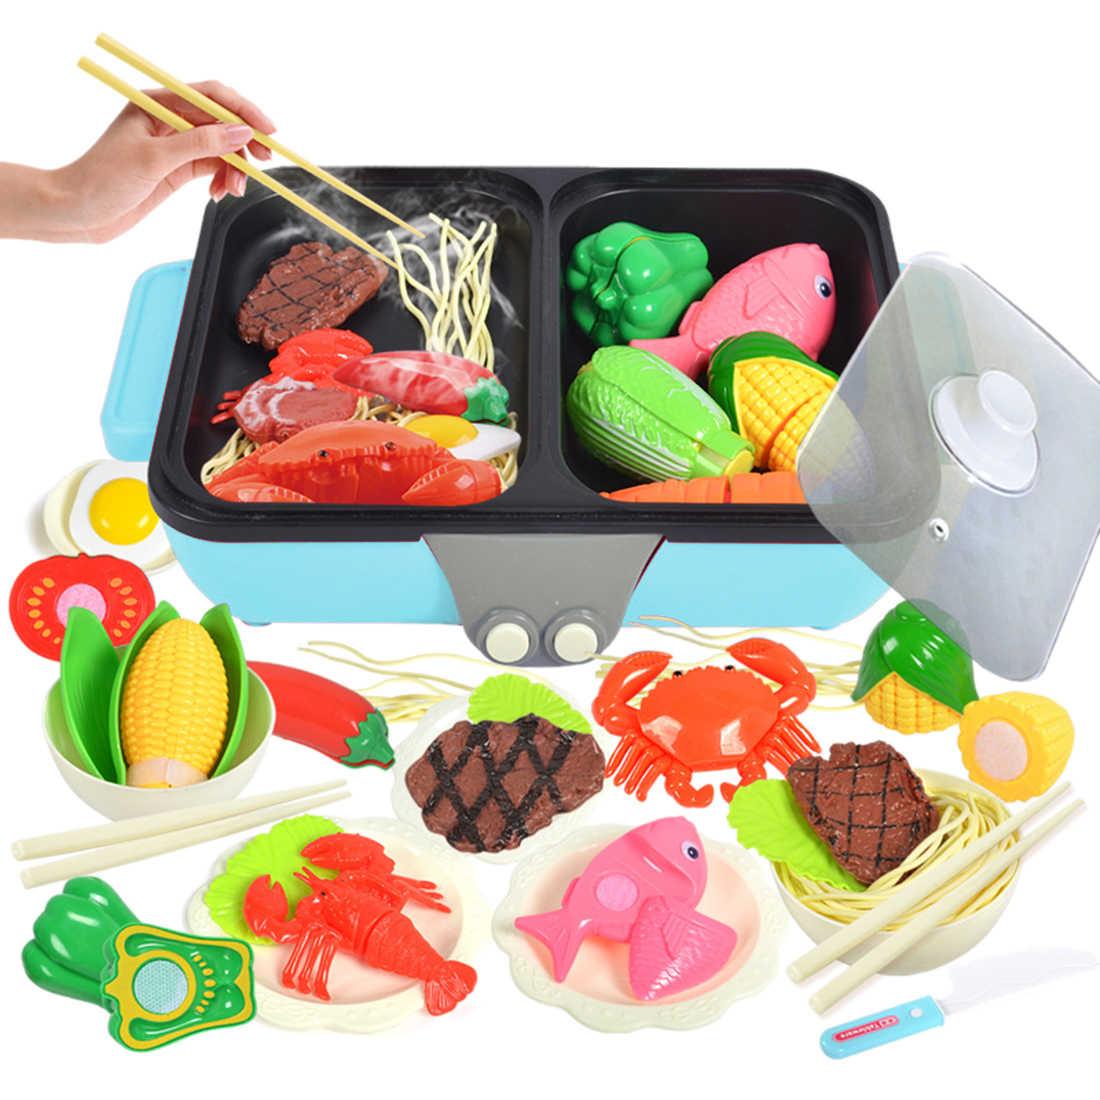 37 шт. 2-в-1 ролевые игры игрушка Кухня горячий горшок барбекю Playset ролевые игры Еда детские игрушки с детские Кухня Пособия по кулинарии, Набор детских игрушек